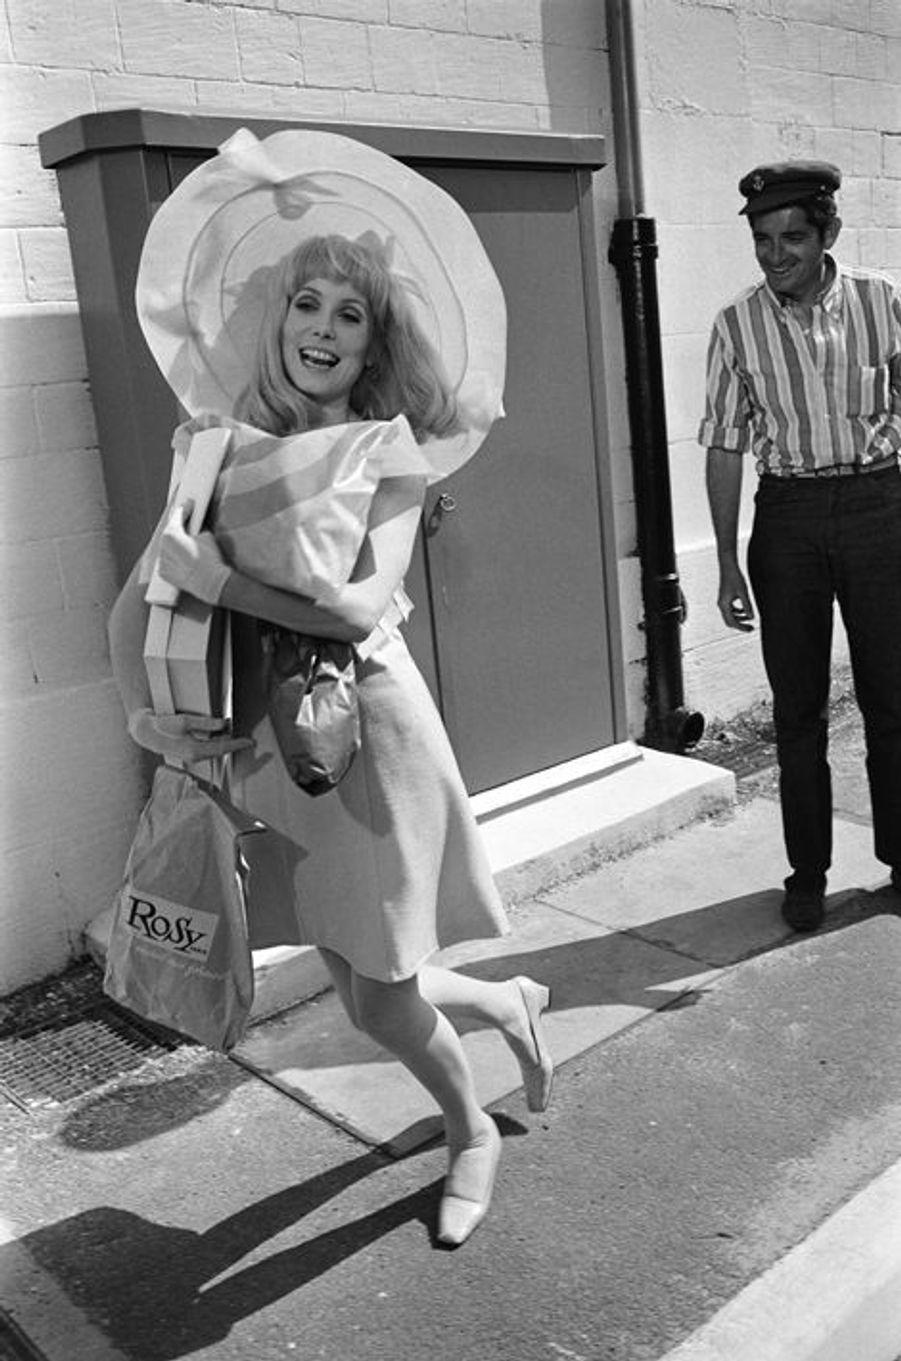 """Jacques DEMY coiffé d'une casquette regardant en souriant Catherine DENEUVE en robe et capeline, chantant et dansant des paquets plein les bras avant le tournage d'une scène en extérieur du film """"Les demoiselles de Rochefort""""."""